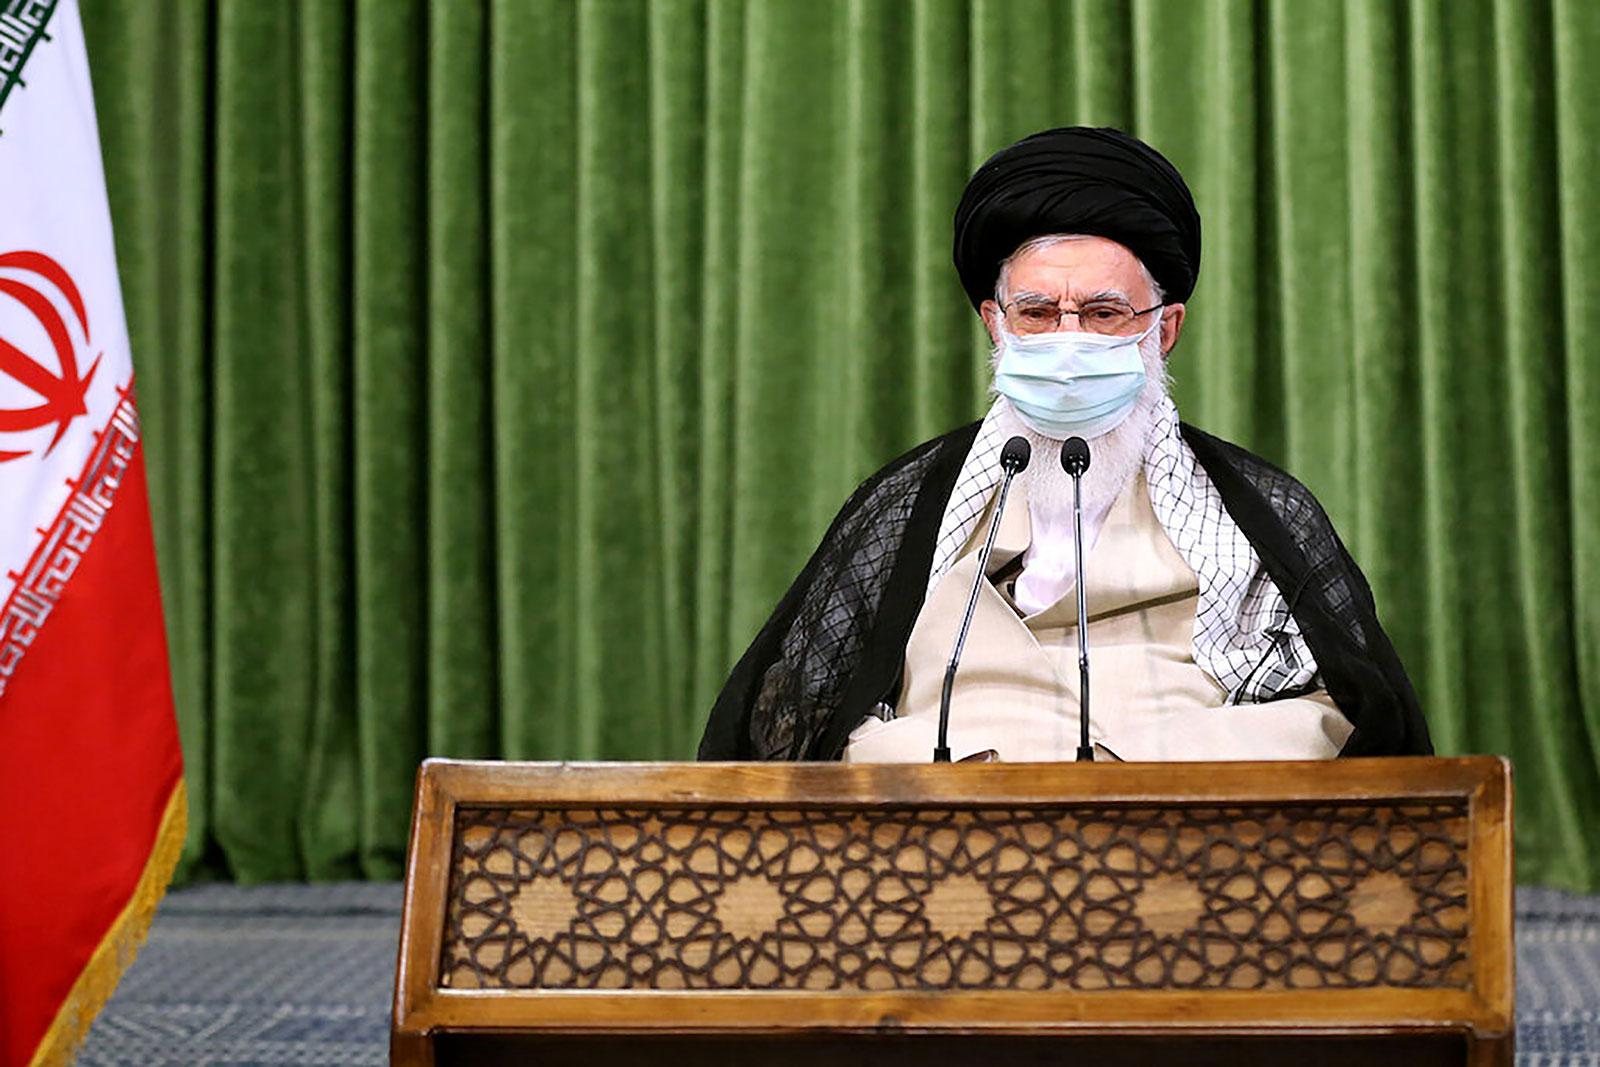 Lãnh tụ Tối cao Iran Ayatollah Ali Khamenei họp trực tuyến với Quốc hội ngày 12-7-2020, kêu gọi người dân hợp tác chống dịch COVID-19. Ảnh: Reuters